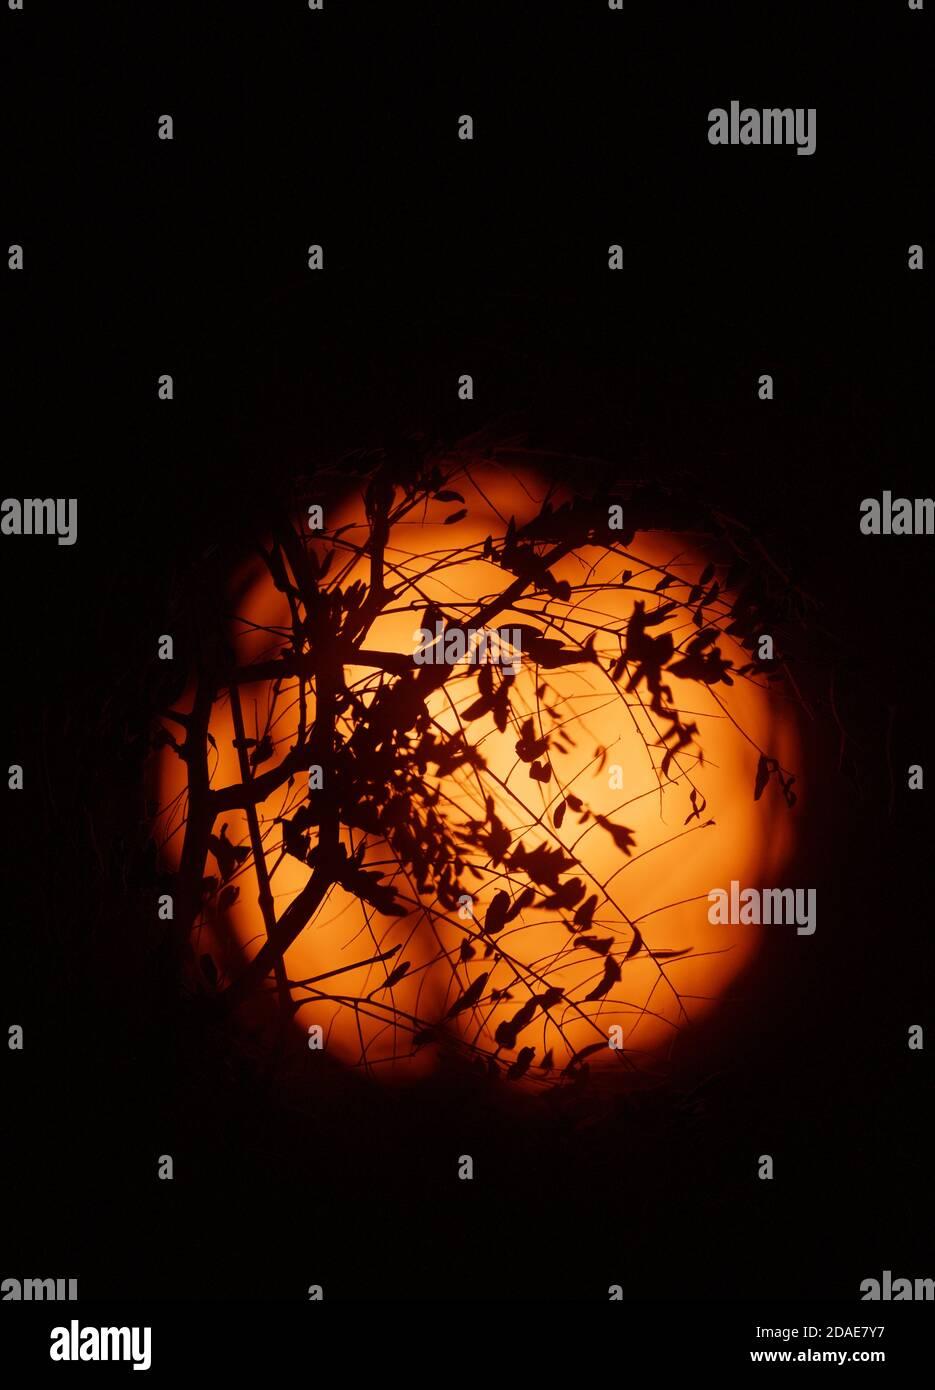 Londra, Regno Unito. 12 novembre 2020. Il Sole fotografato con un filtro solare a luce bianca attraverso rami autunnali. Credit: Malcolm Park/Alamy Live News. Foto Stock